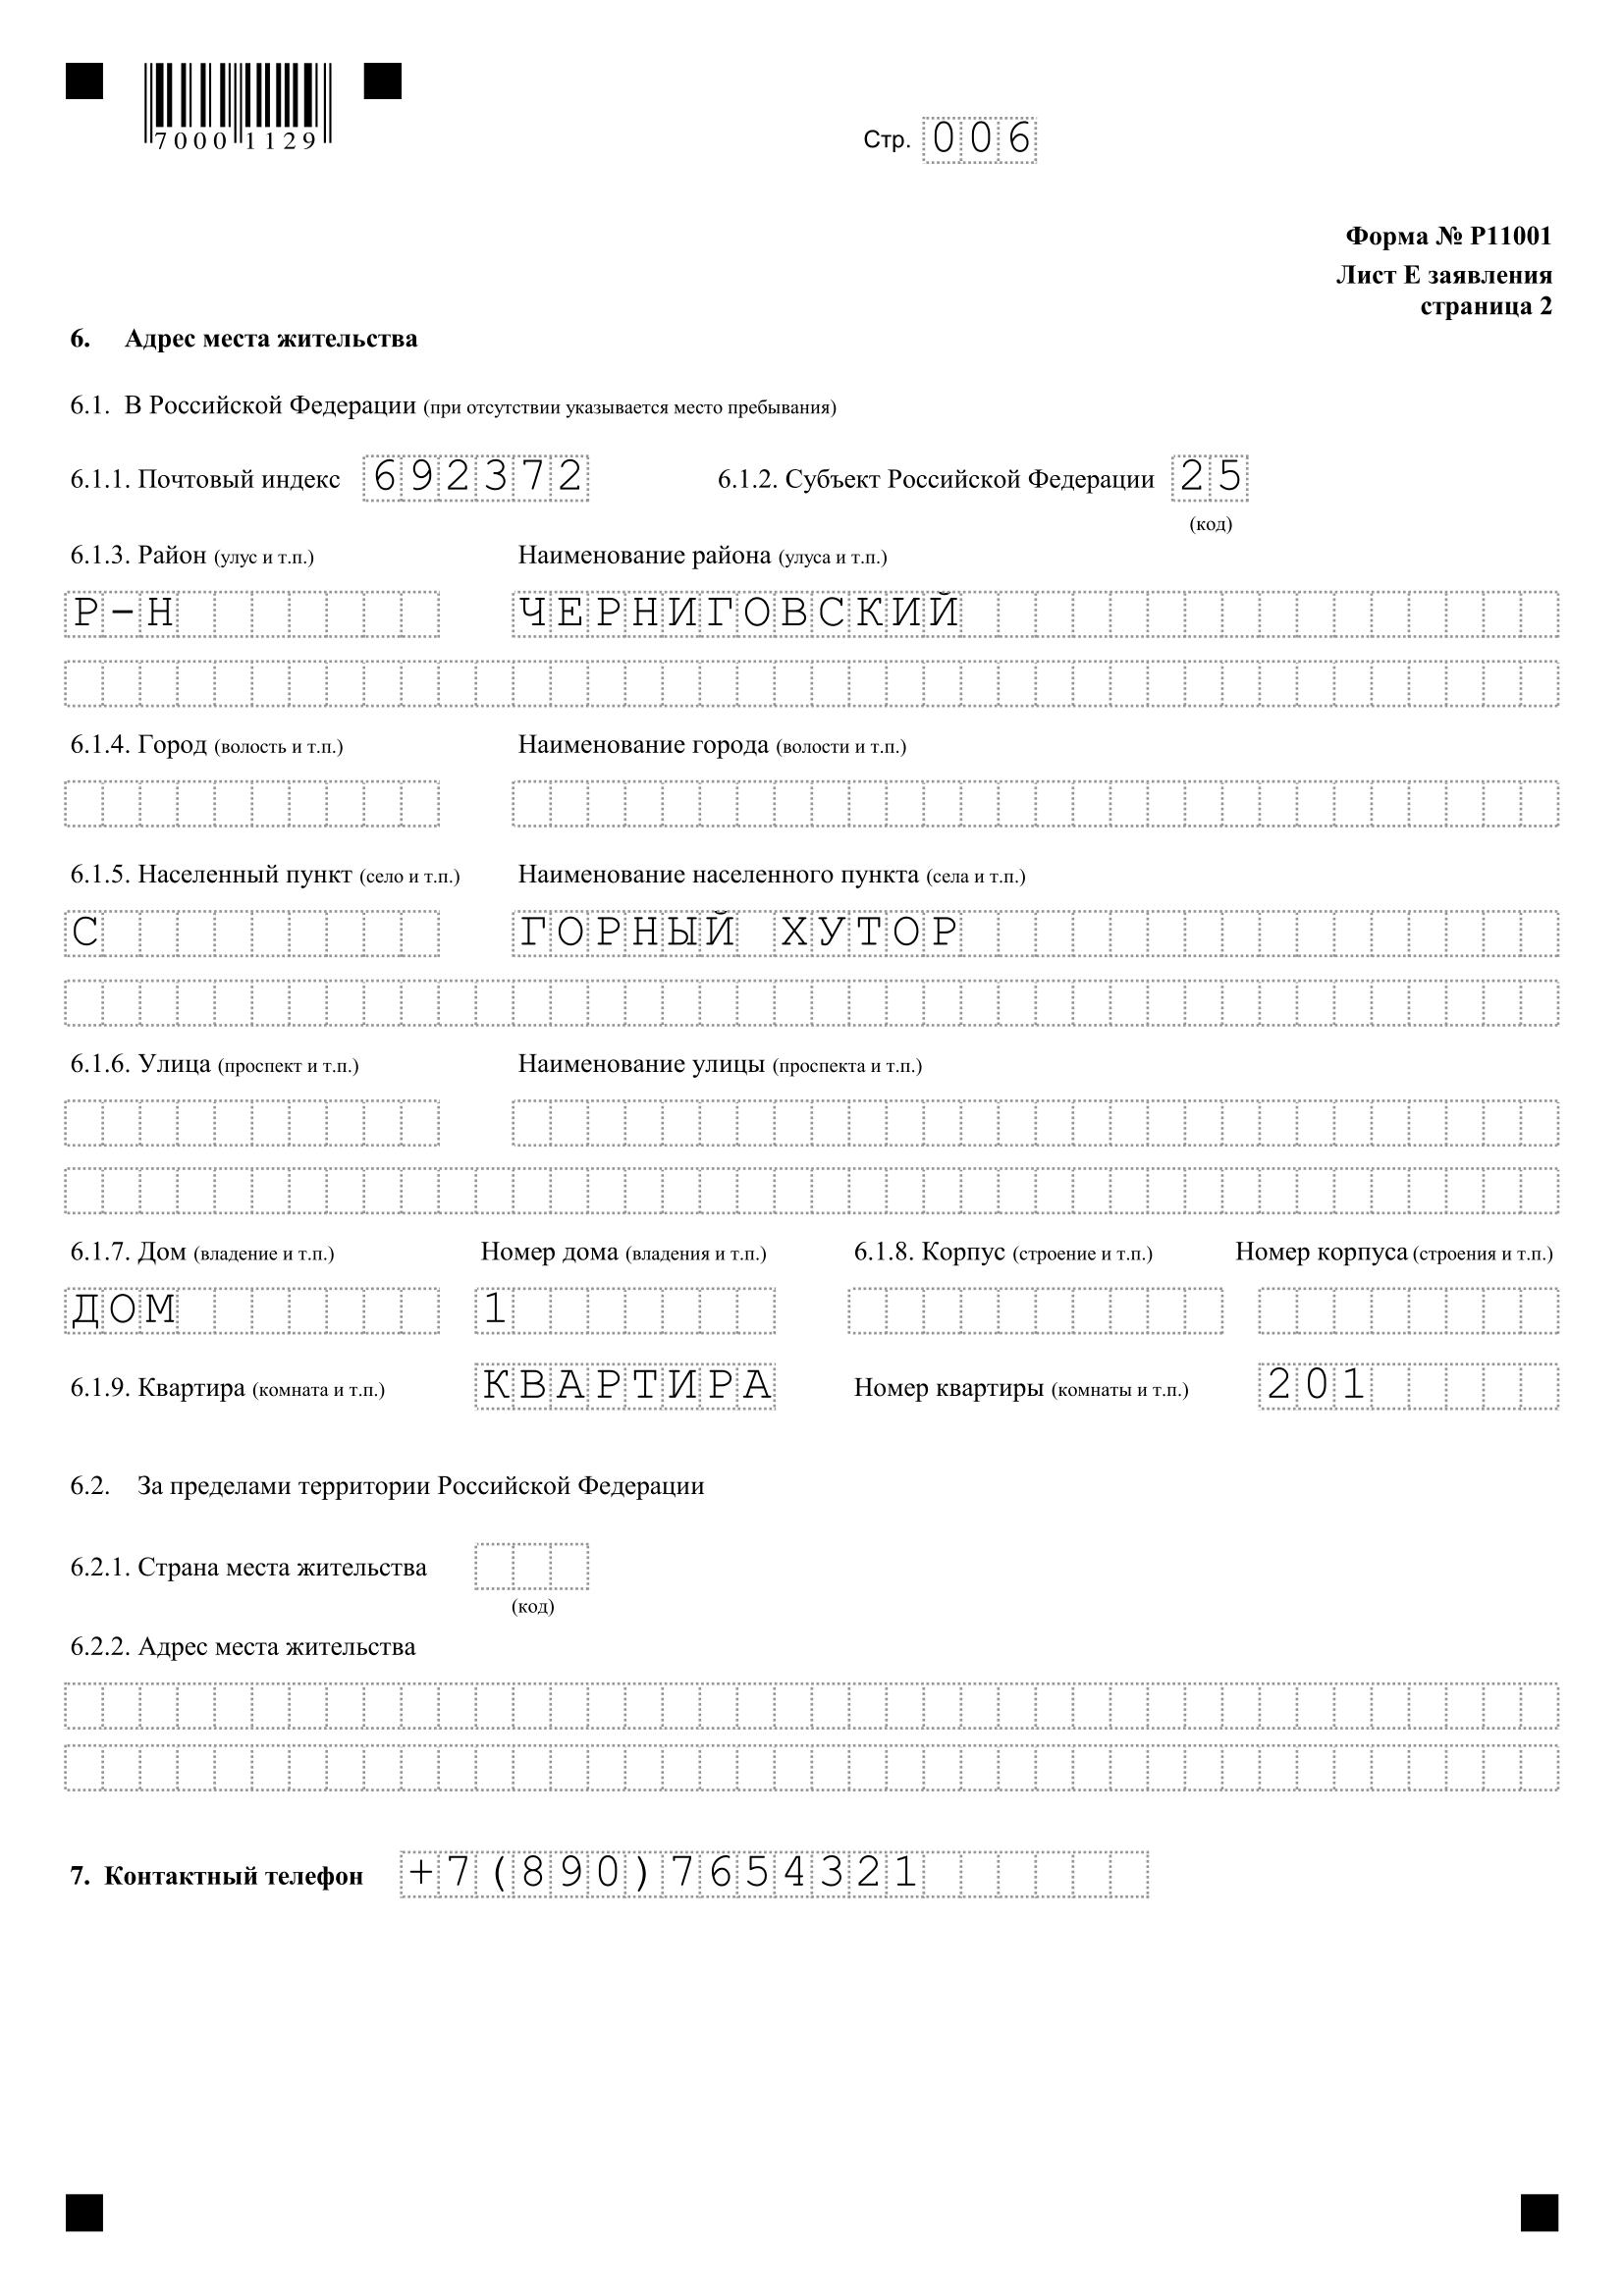 Образец заполнения формы р11001 скачать бесплатно